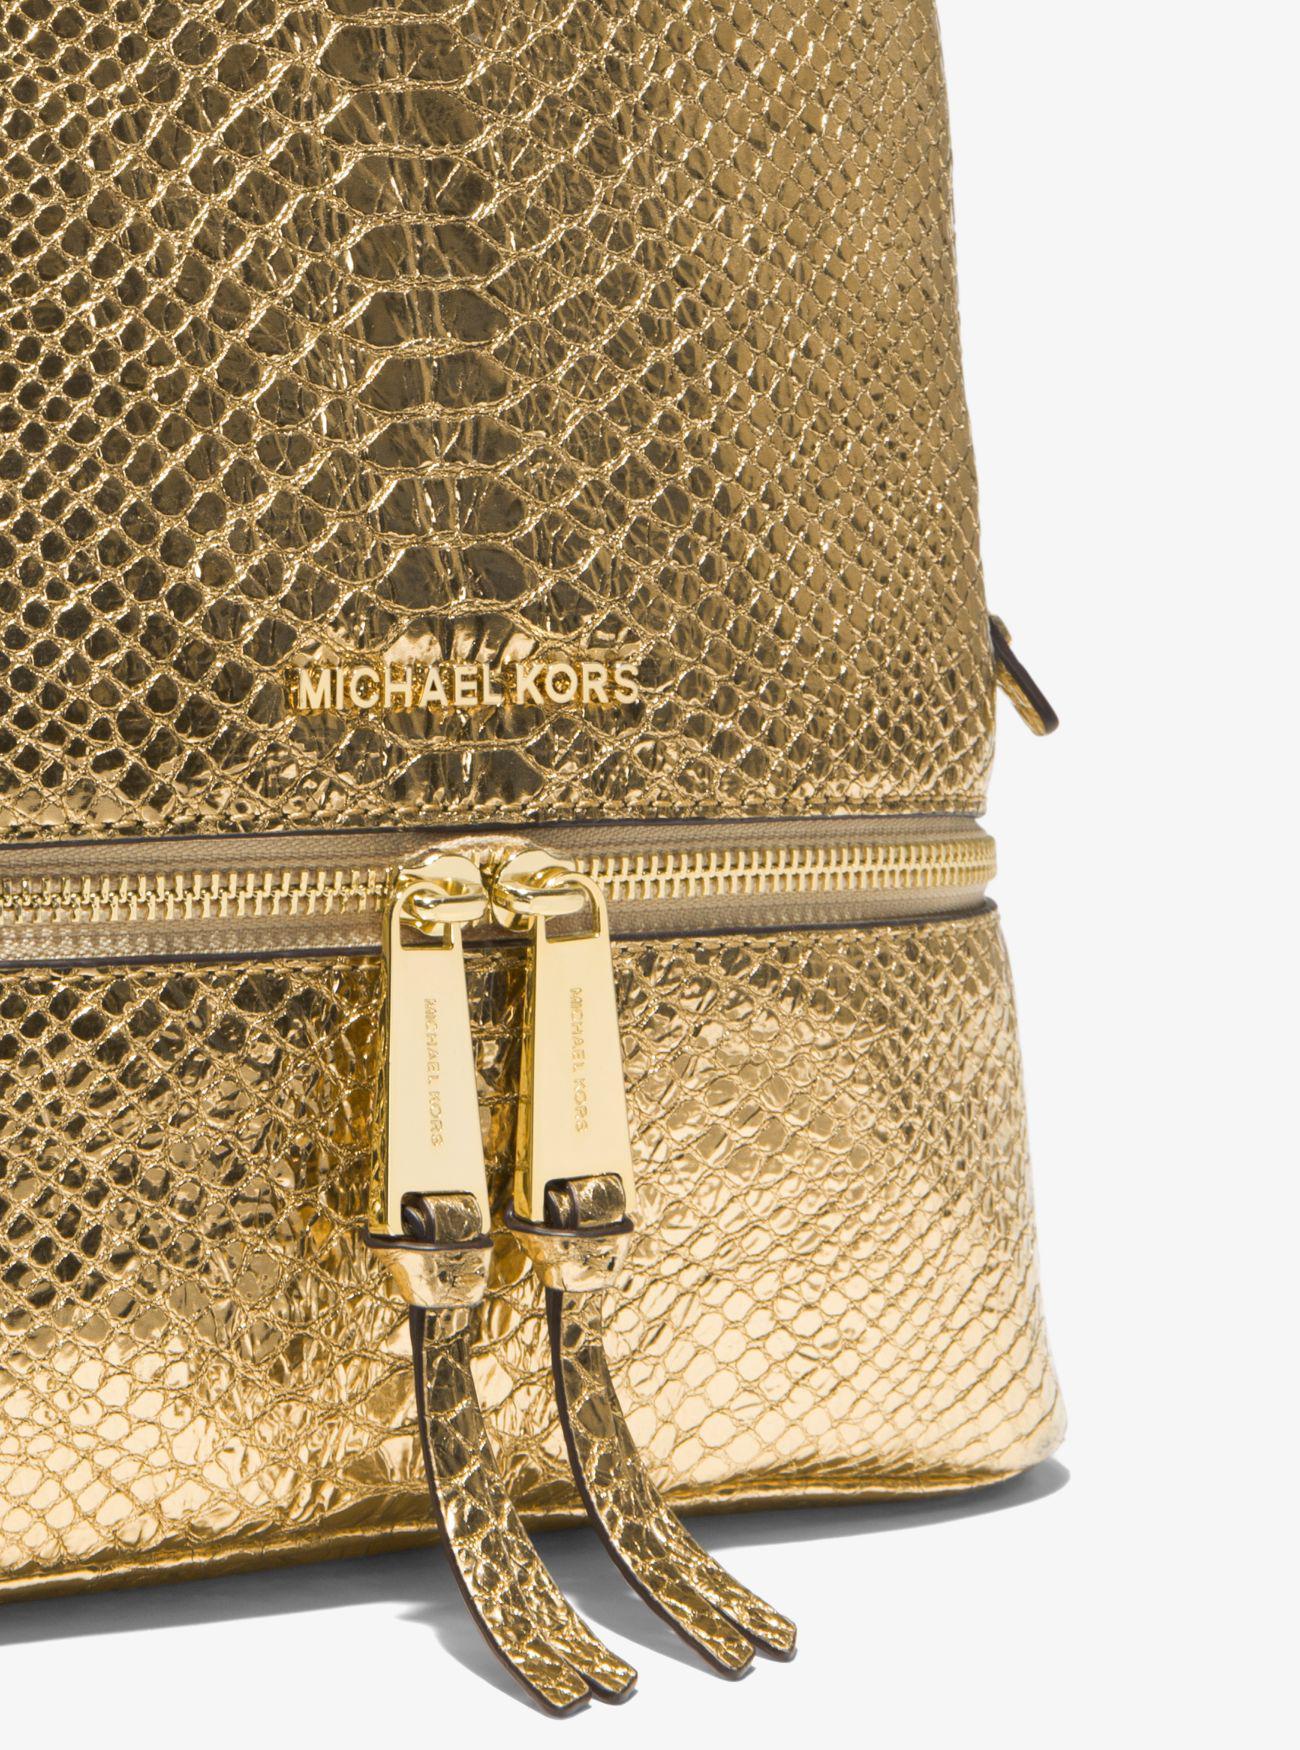 db0405fcc0 Lyst - Michael Kors Rhea Medium Metallic Embossed-leather Backpack ...